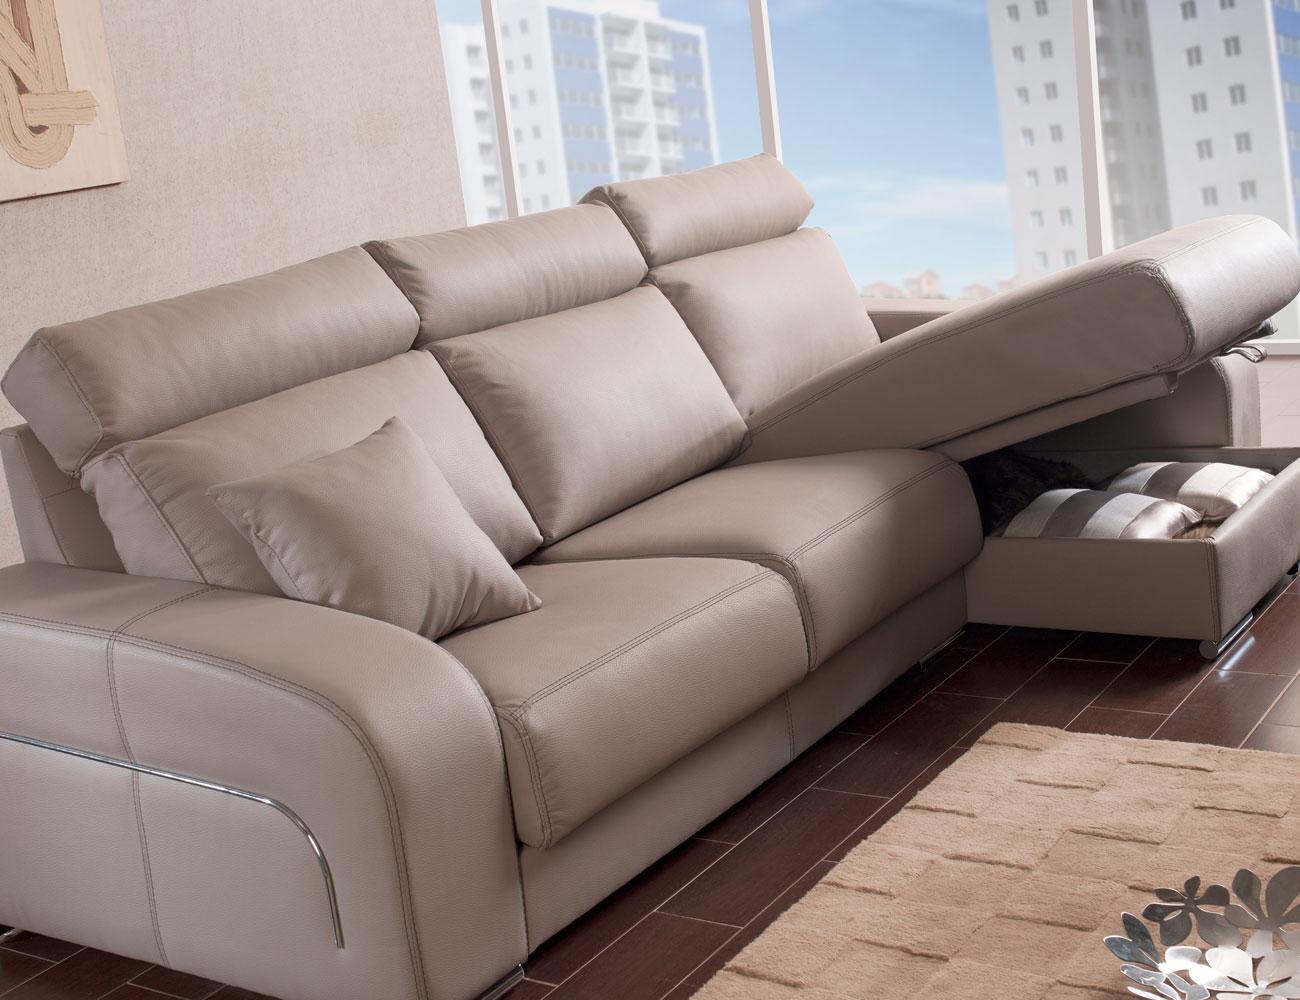 Sofa chaiselongue moderno pared cero arcon54